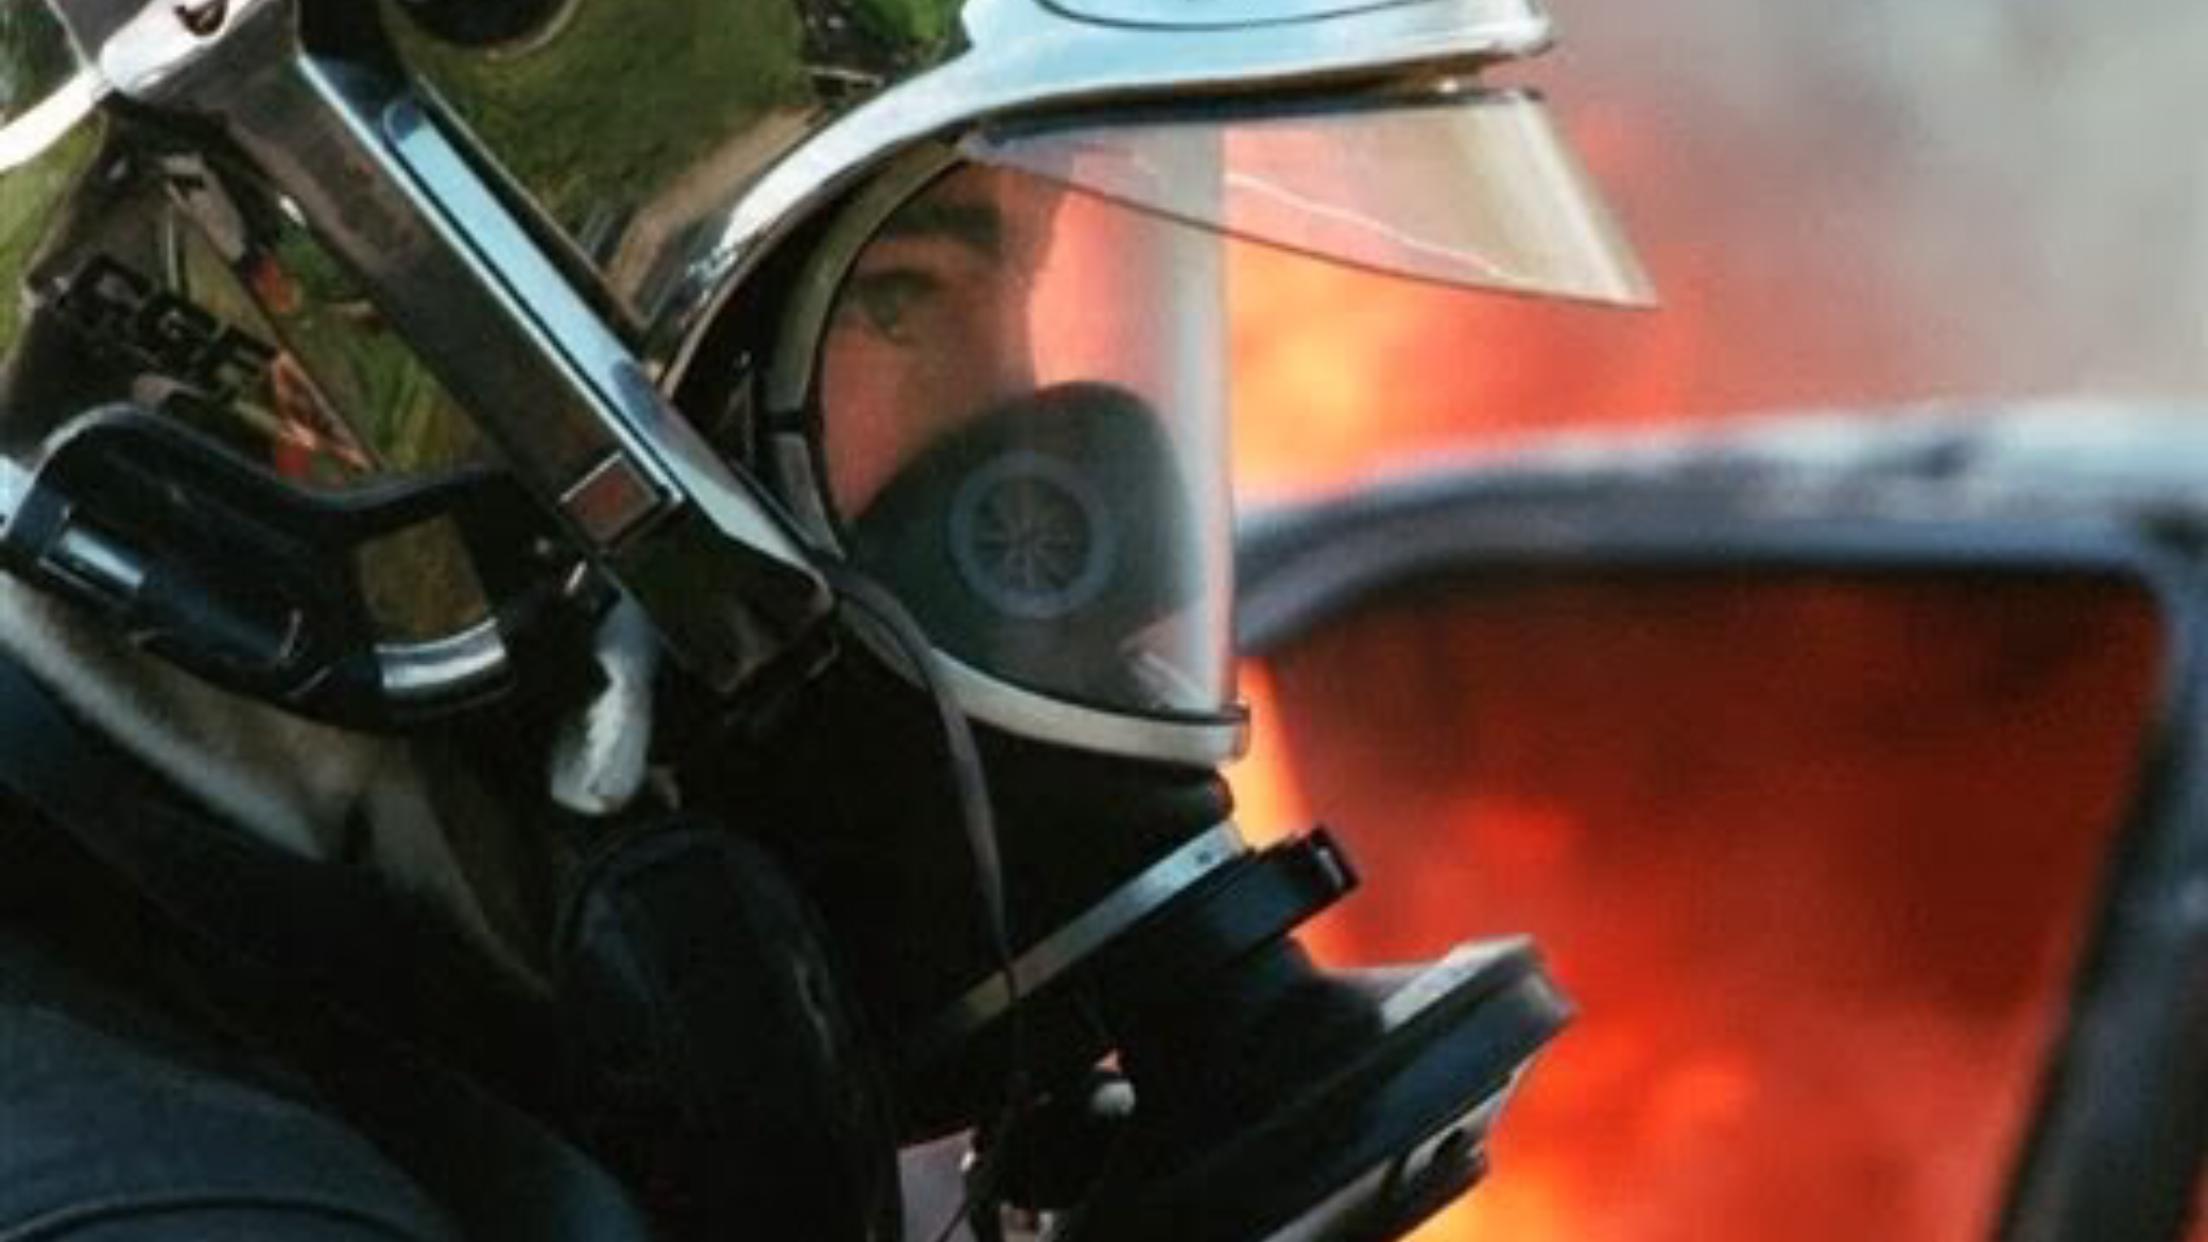 Yvelines : il met le feu à des vêtements dans son appartement et enlève le détecteur de fumée